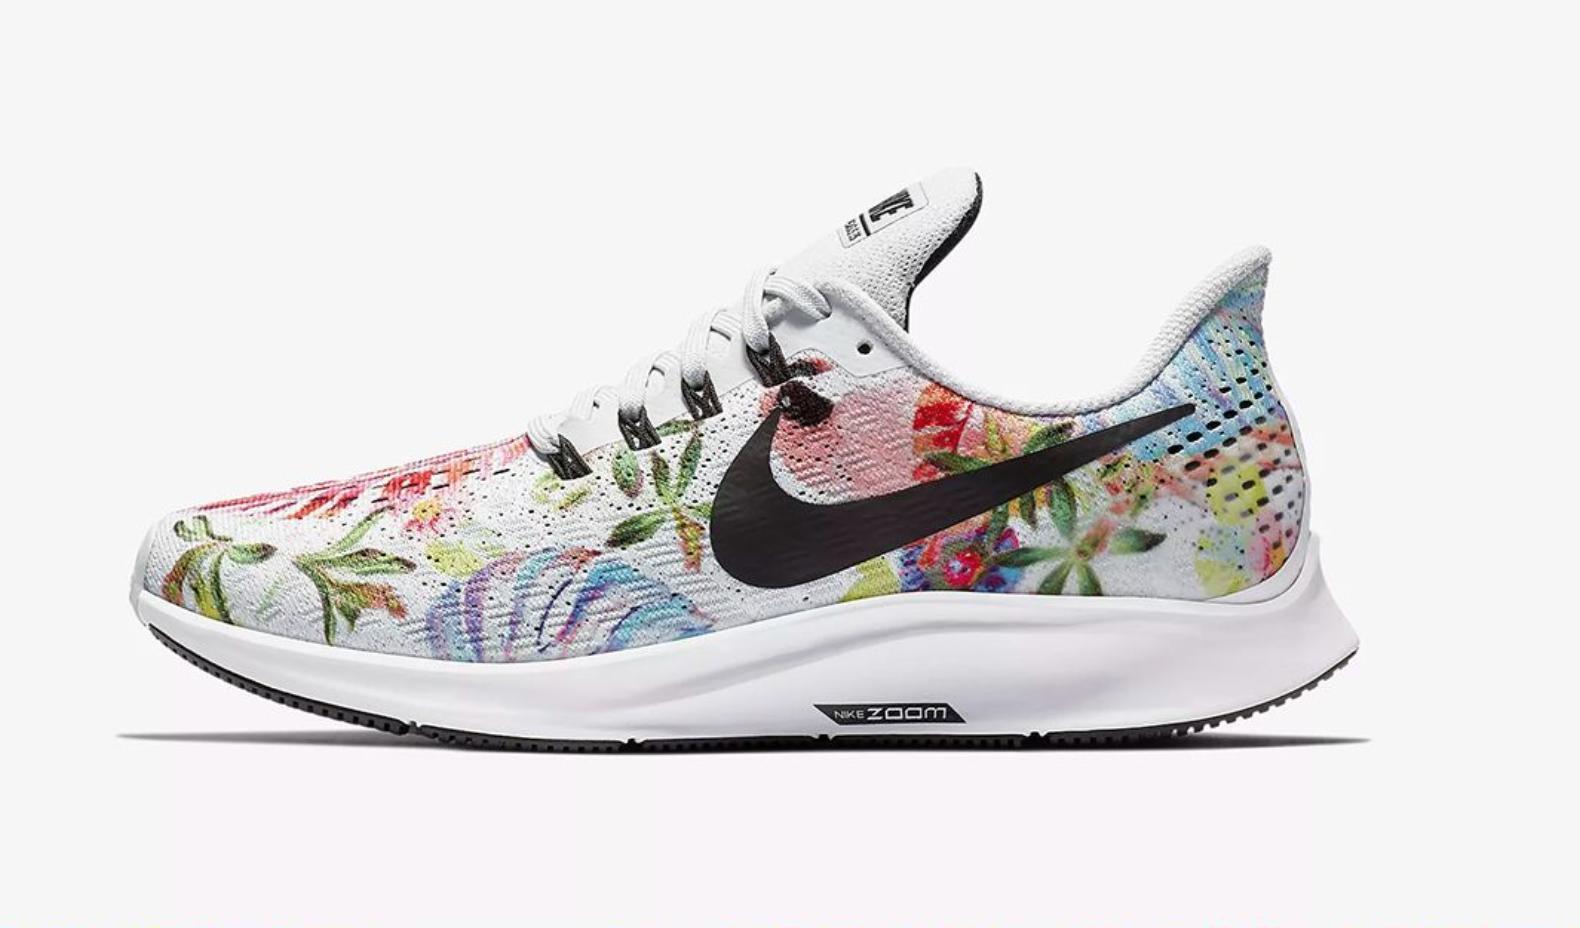 Sneakers Hyperflora Nike.png